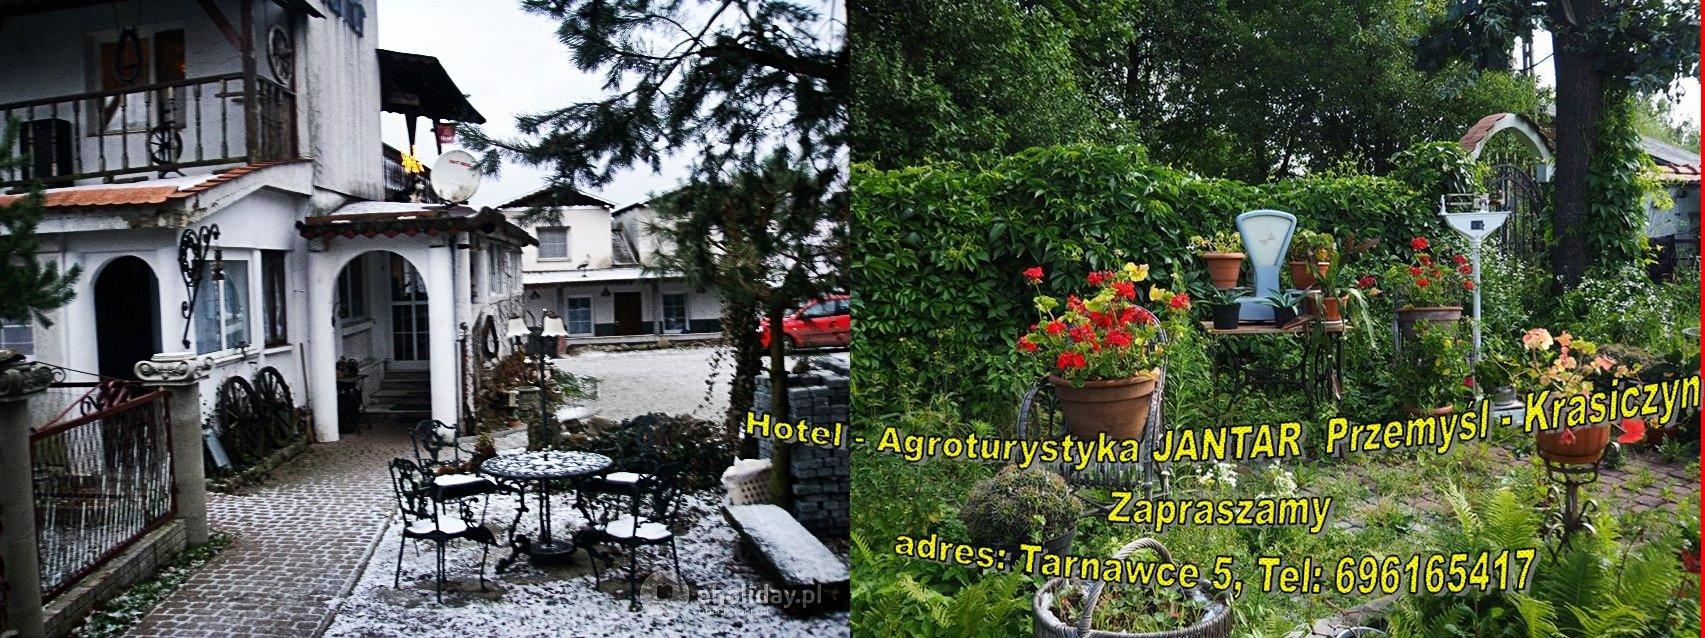 Pokoje gościnne  *Jantar * w Przemyślu-5095